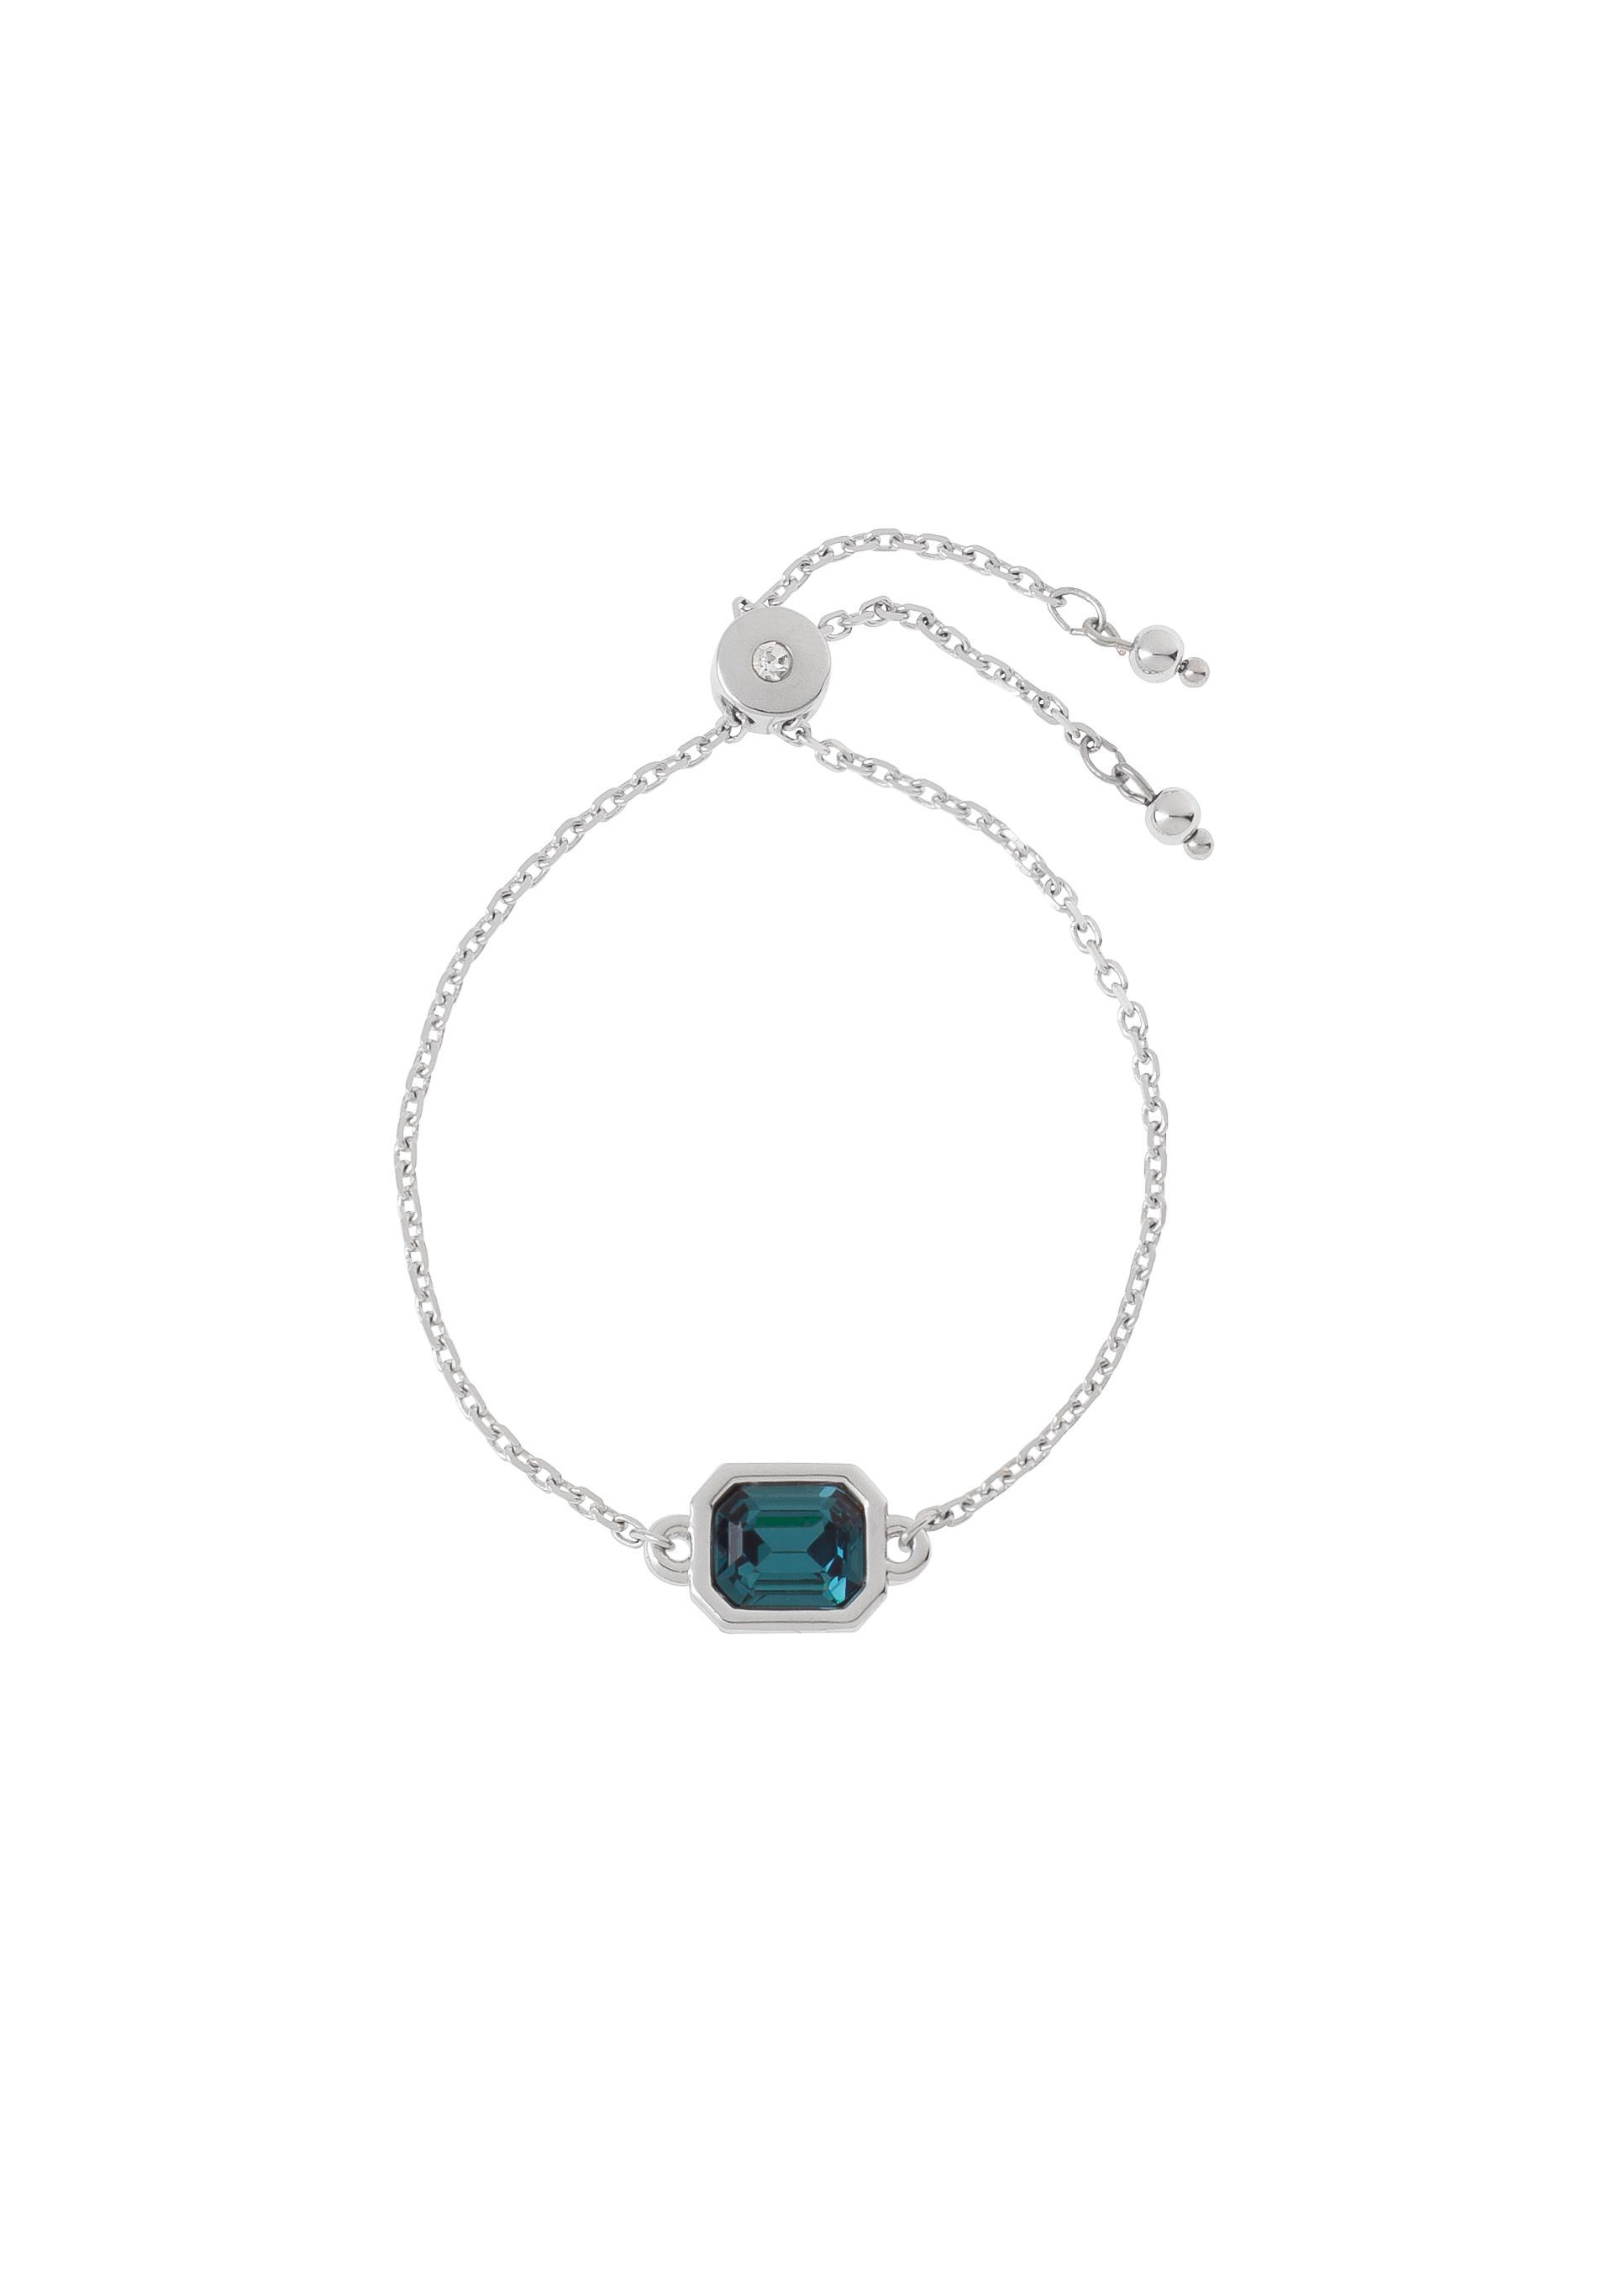 cc58329e4282 Pulsera 218038 Pulsera de medida ajustable en baño de rodio con piedra  color azul.